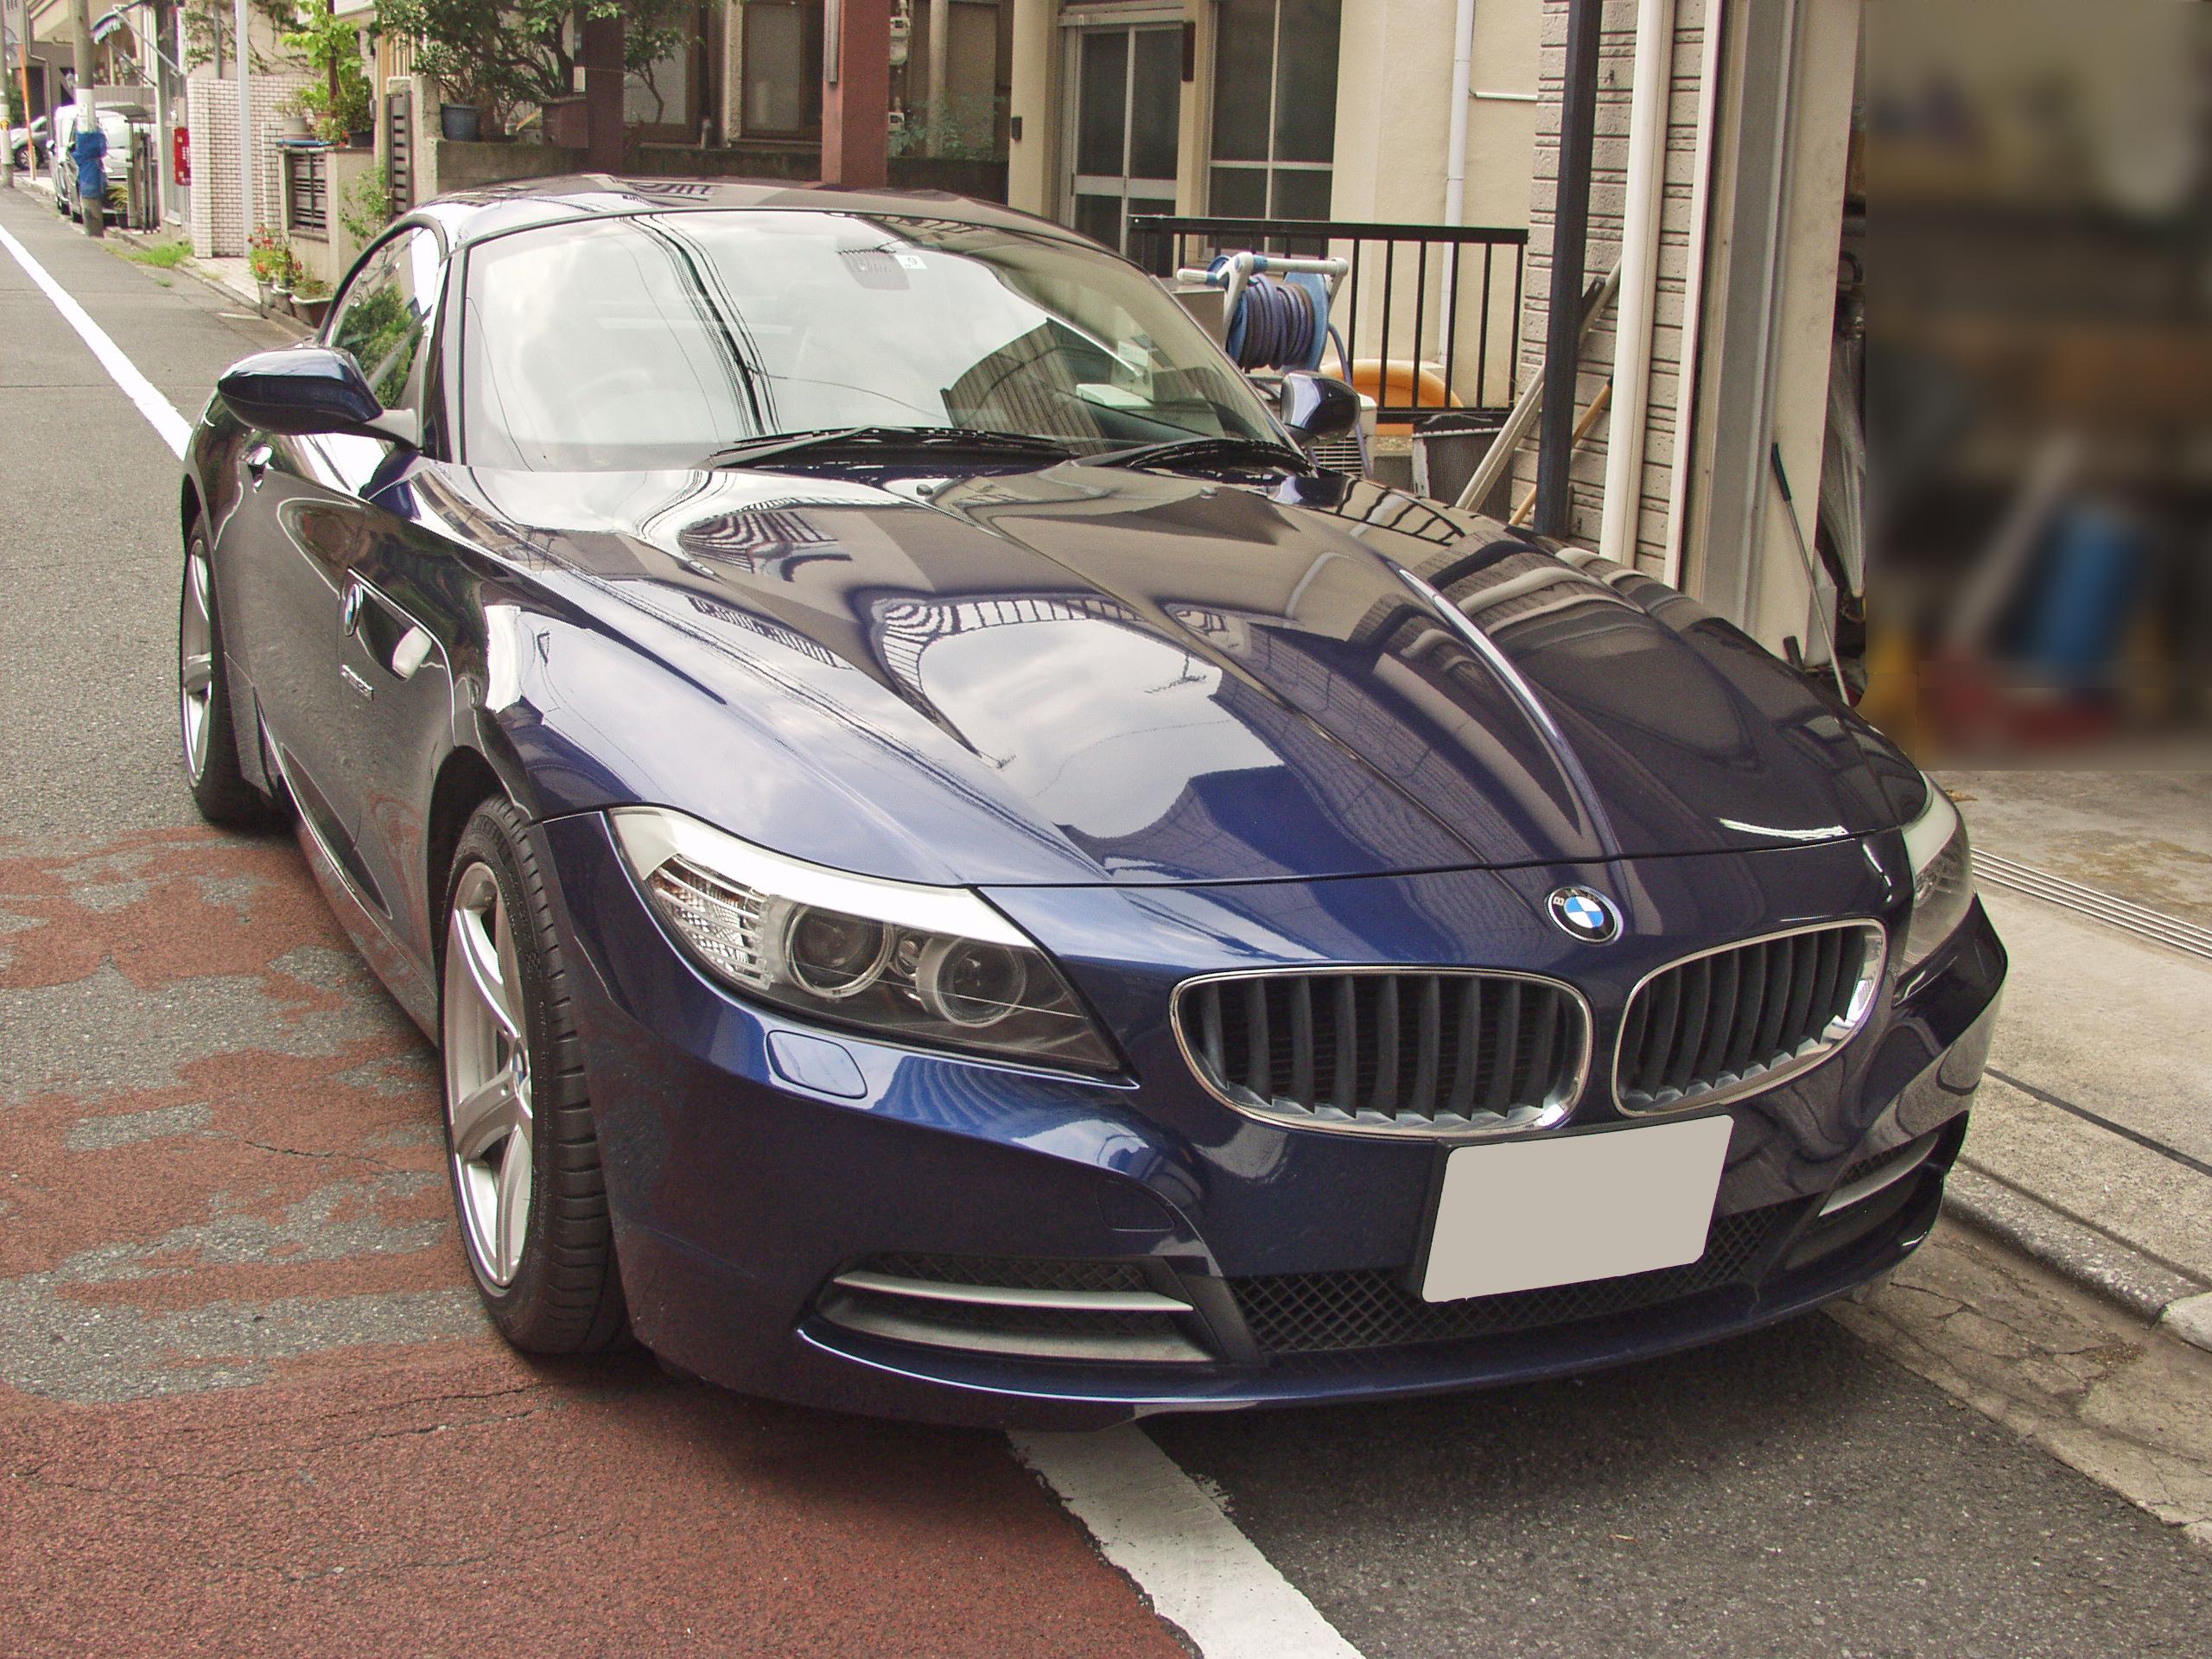 BMW E89 Z4中古車 右前からの画像